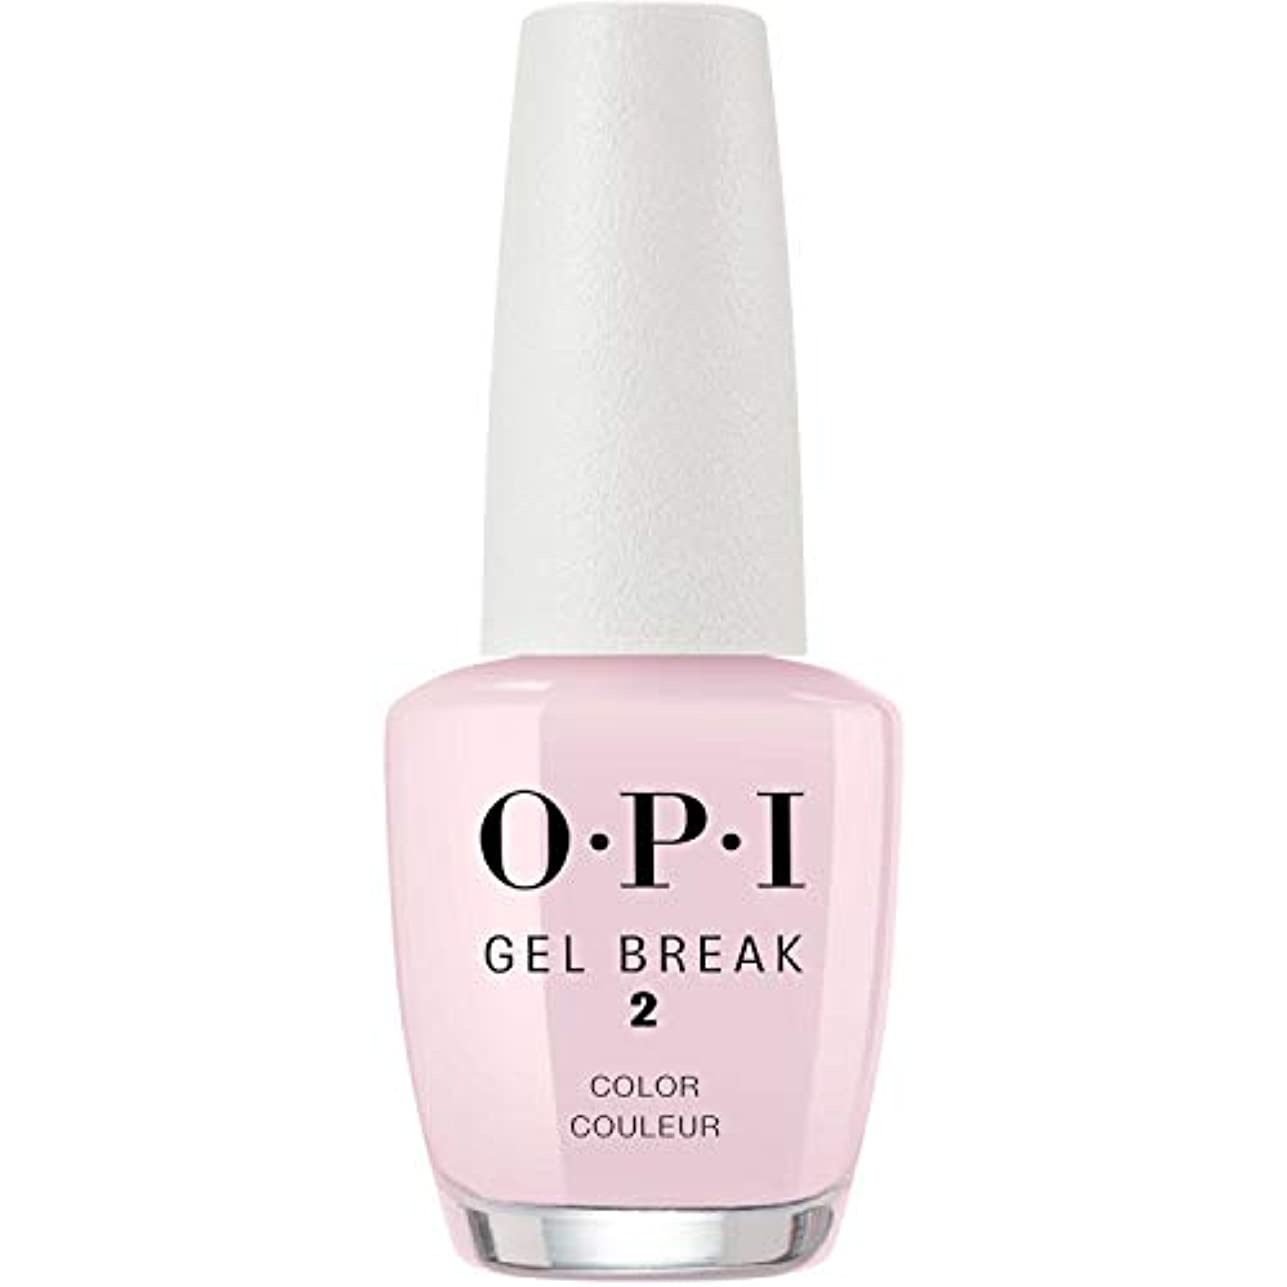 歯秋許容OPI(オーピーアイ) ジェルブレイク NTR03 プロパリー ピンク